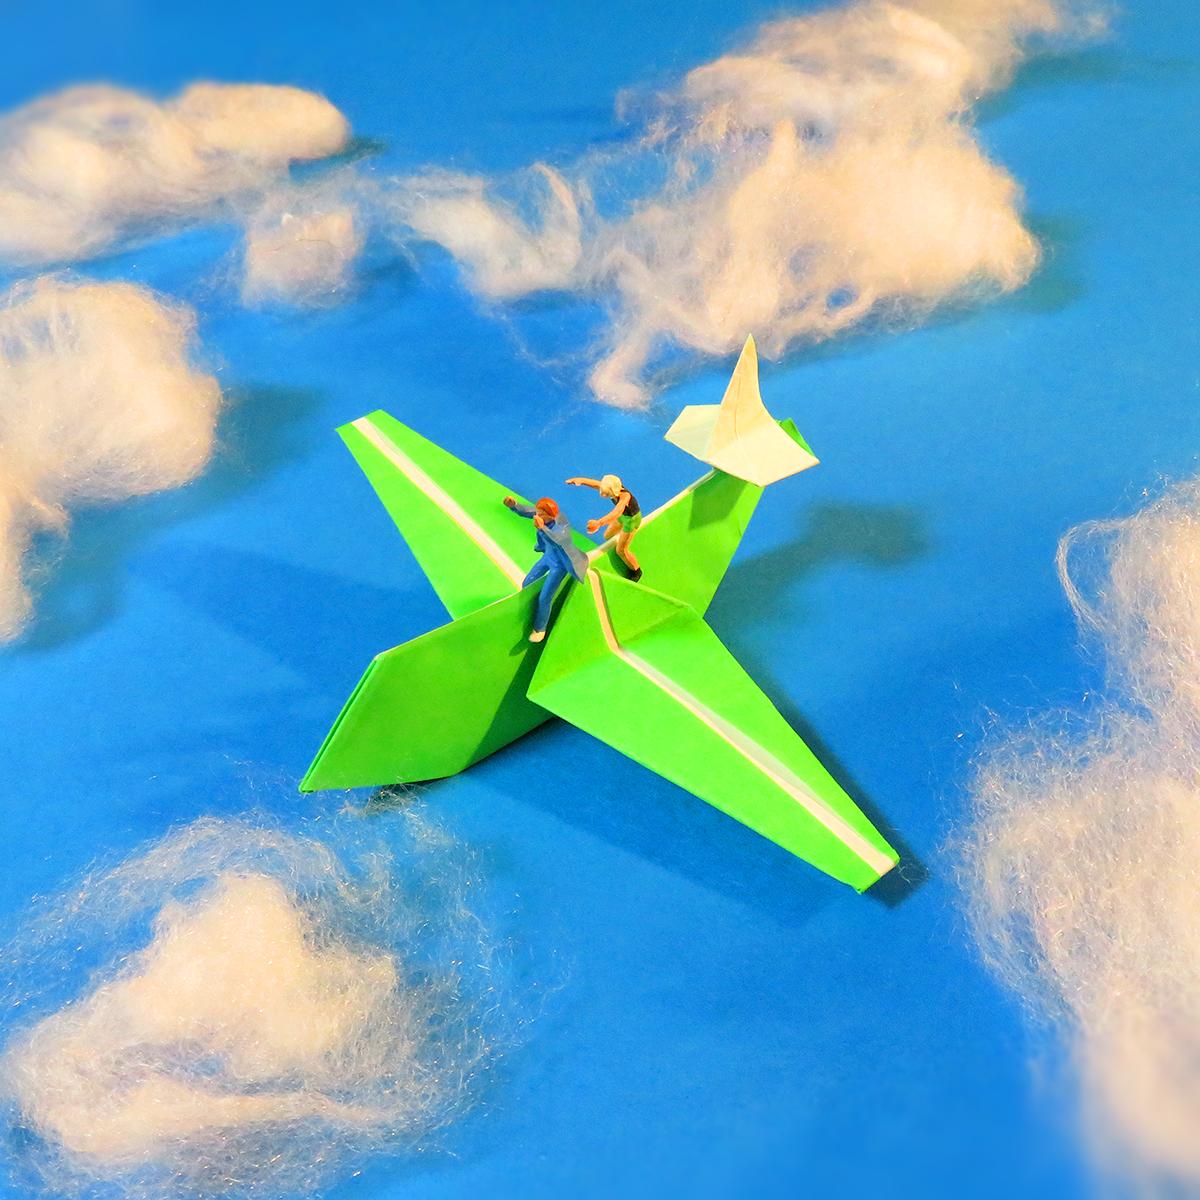 12月16日は紙の記念日!17日はライト兄弟の日!紙飛行機で空中散歩を楽しむ男女